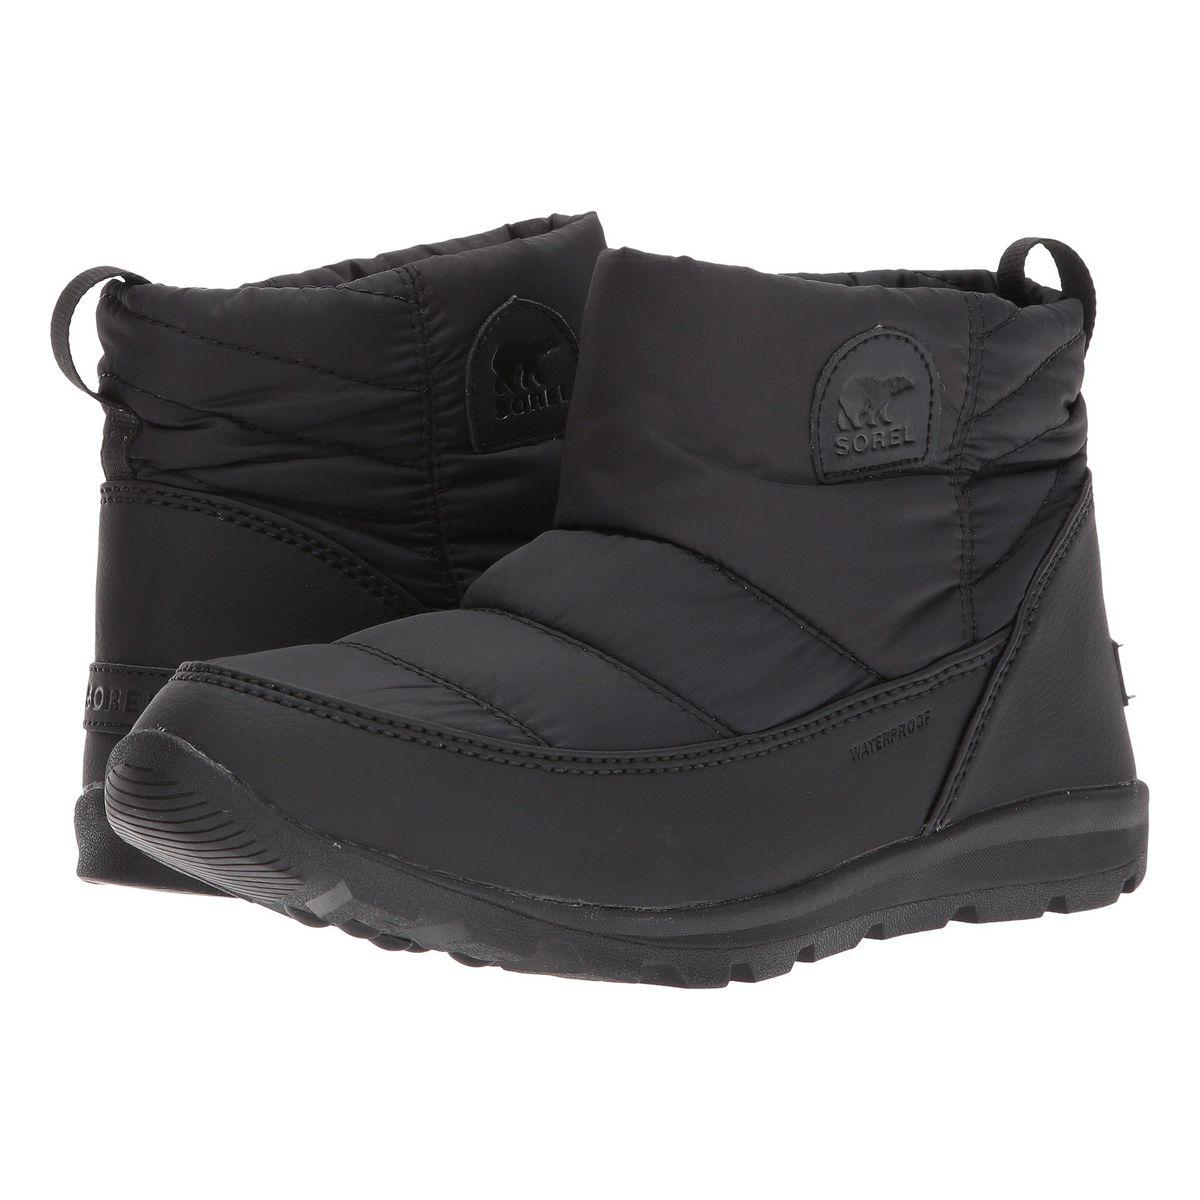 Black short winter booties